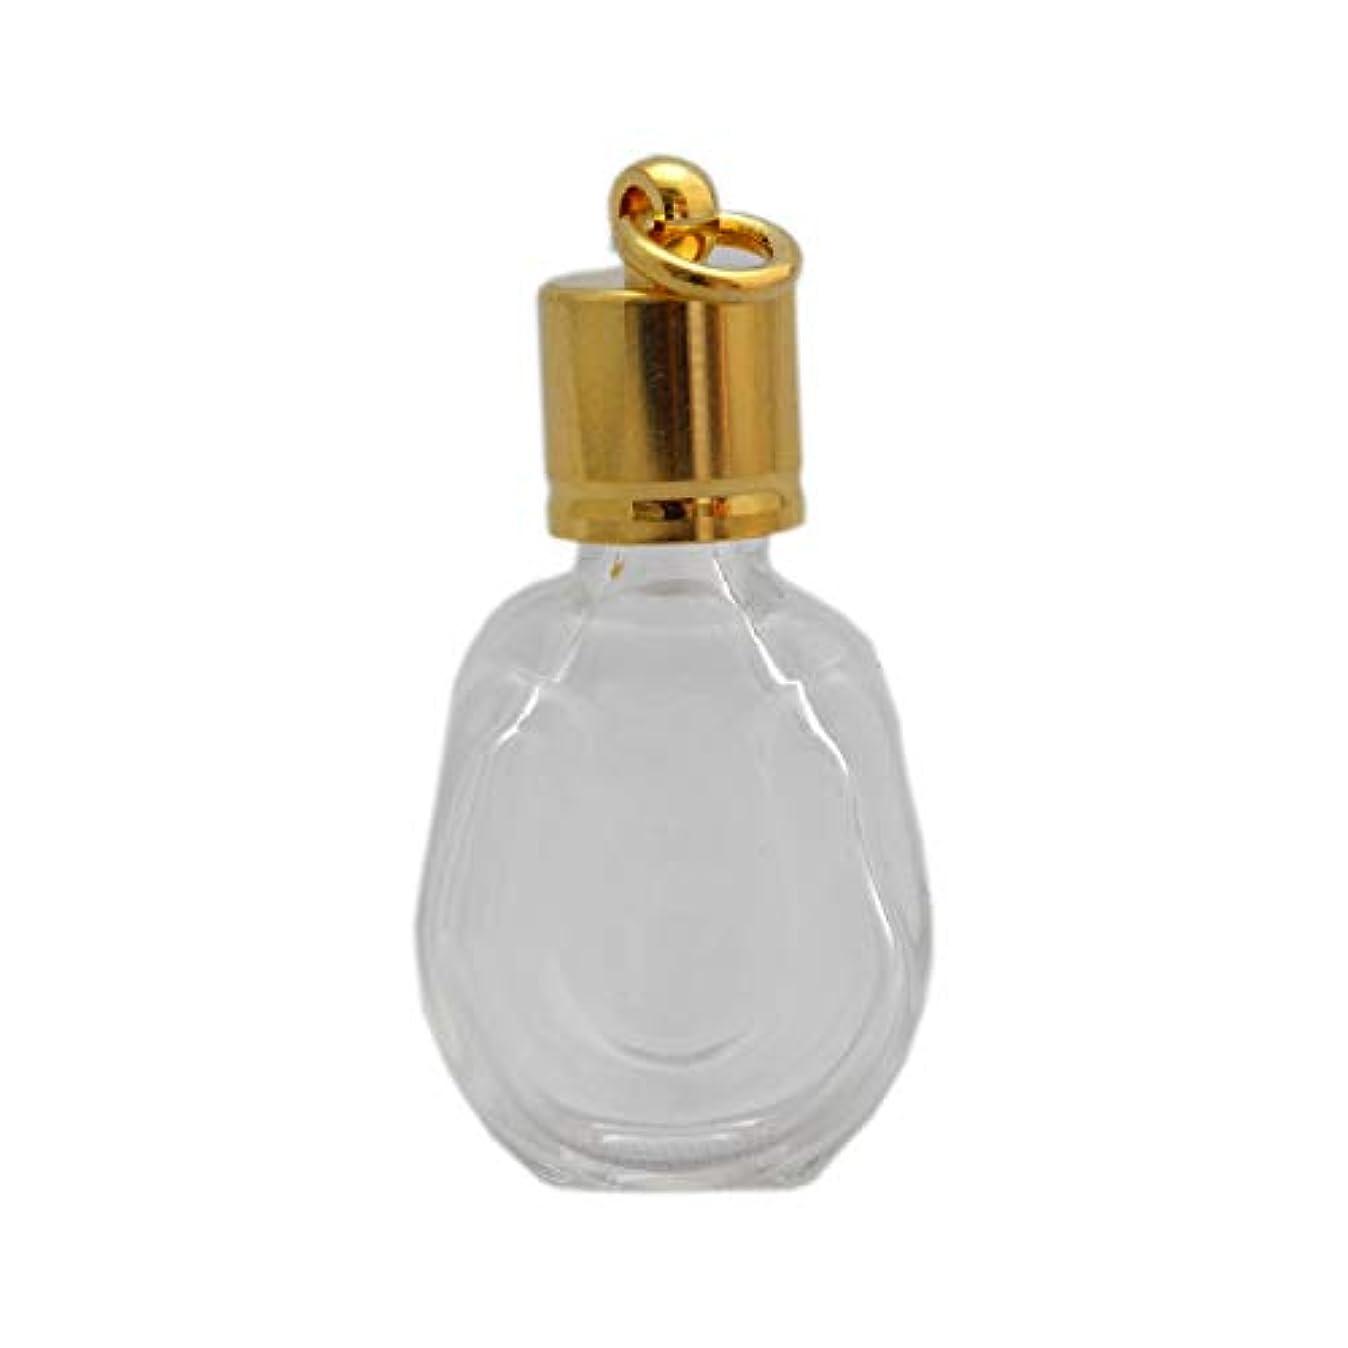 ミニ香水瓶 アロマペンダントトップ 馬蹄型(透明 容量1.3ml)×穴あきキャップ ゴールド